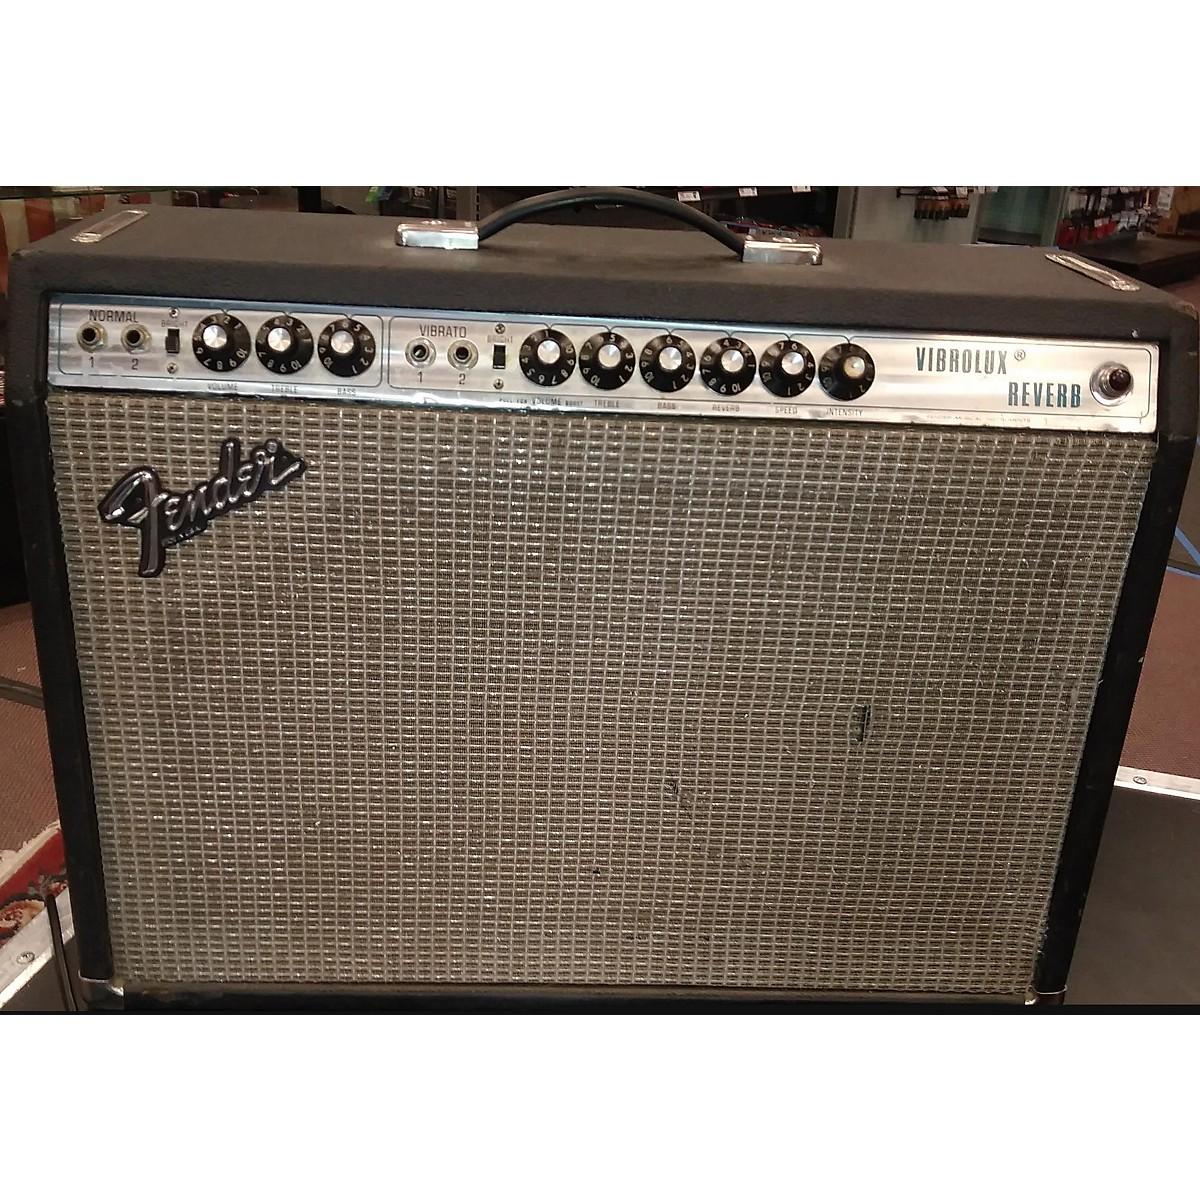 Fender 1979 Virbolux Reverb Tube Guitar Combo Amp